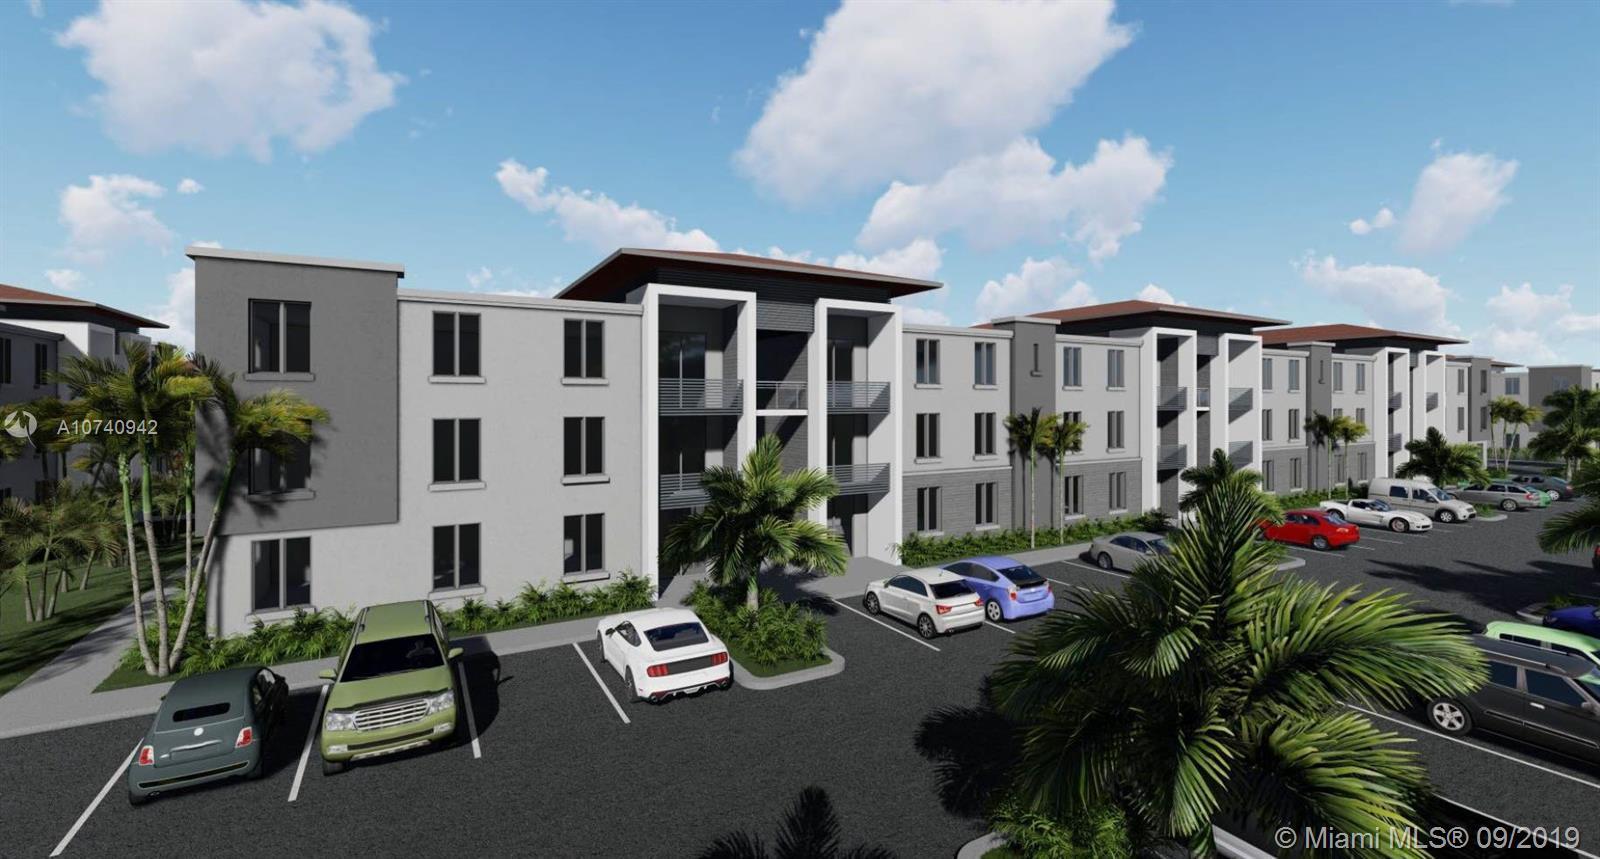 33600 SW 170 Av Luxury Real Estate